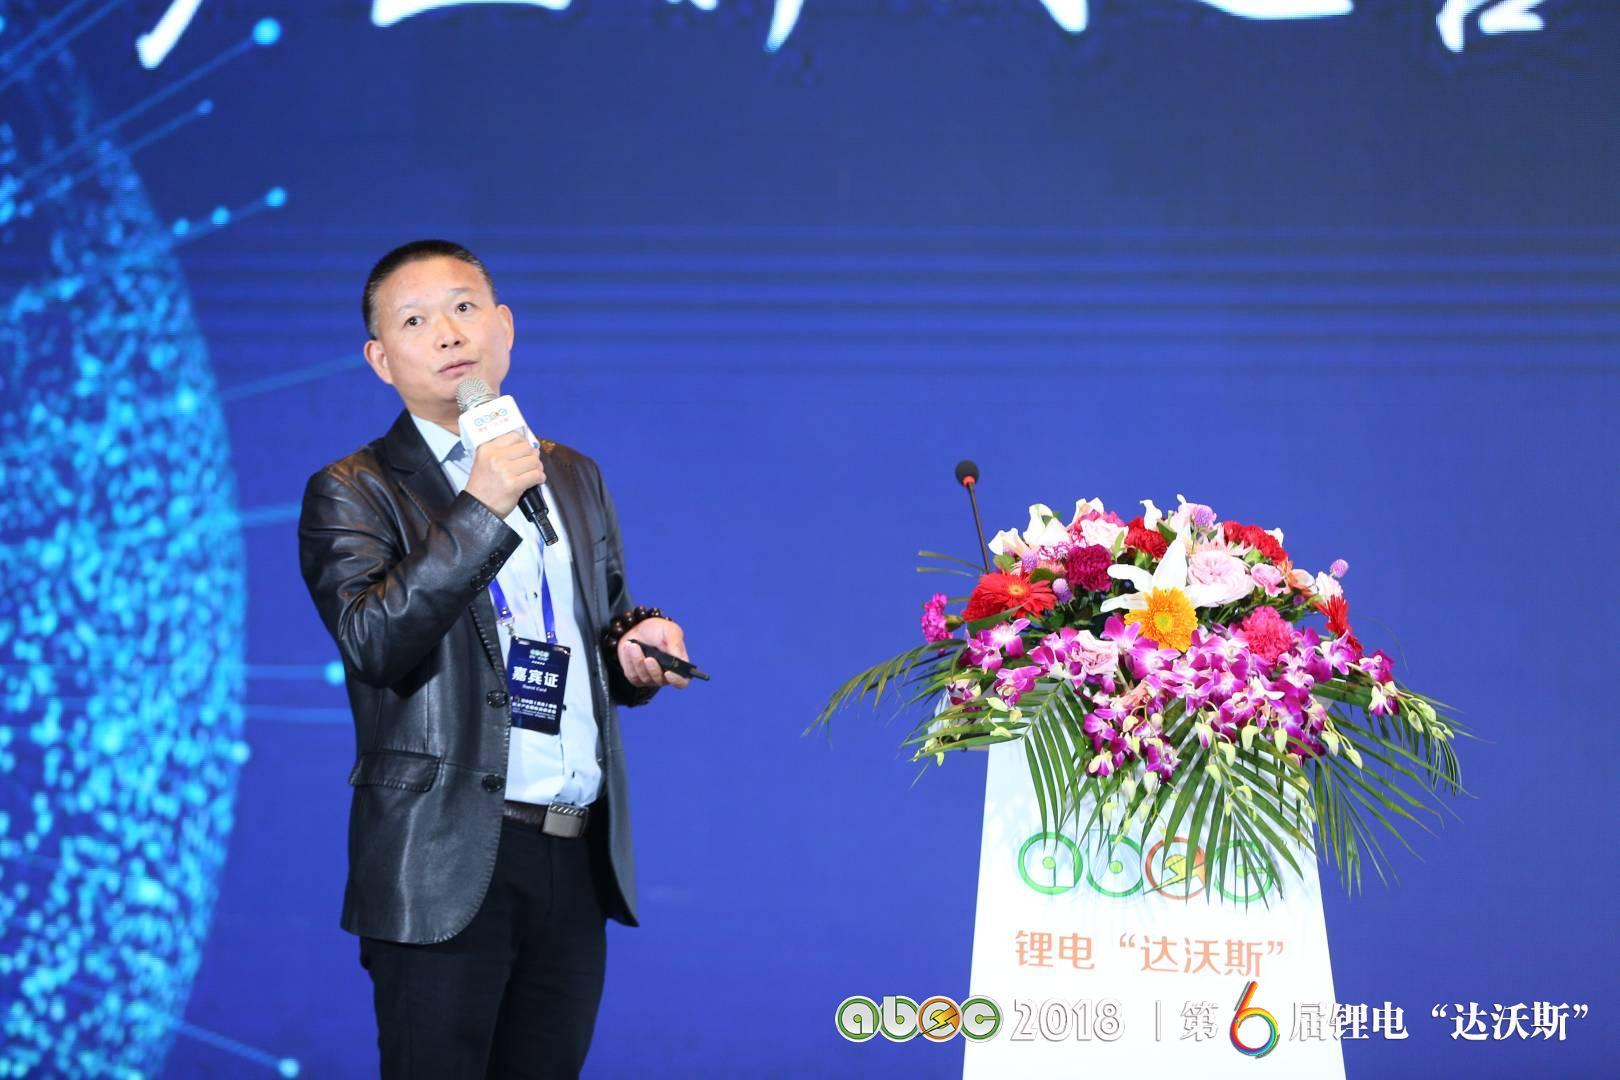 佛山市金银河智能装备股份有限公司锂电装备事业部总经理李小云